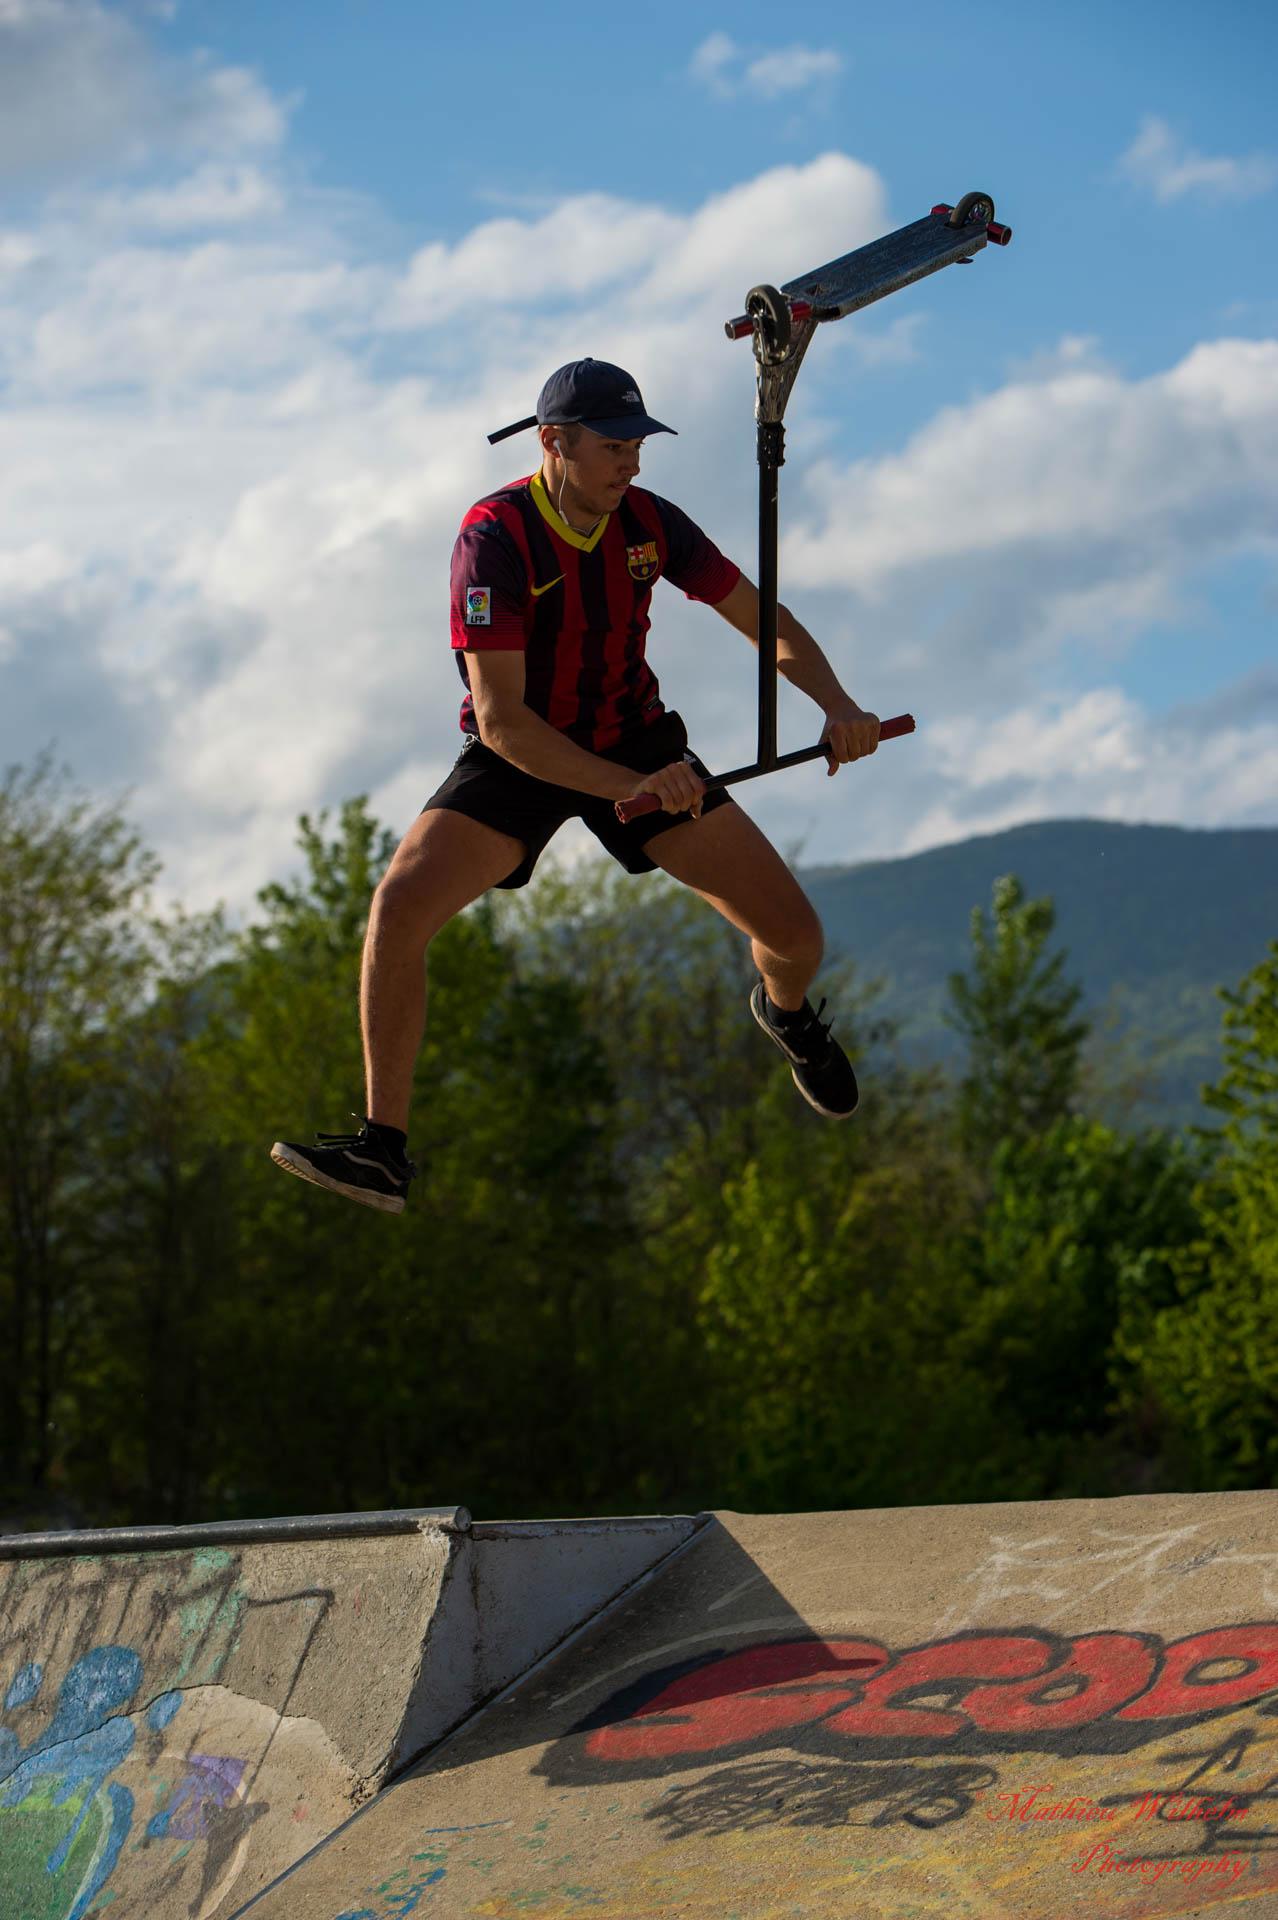 2018-04-25 Skate parc cernay (23)